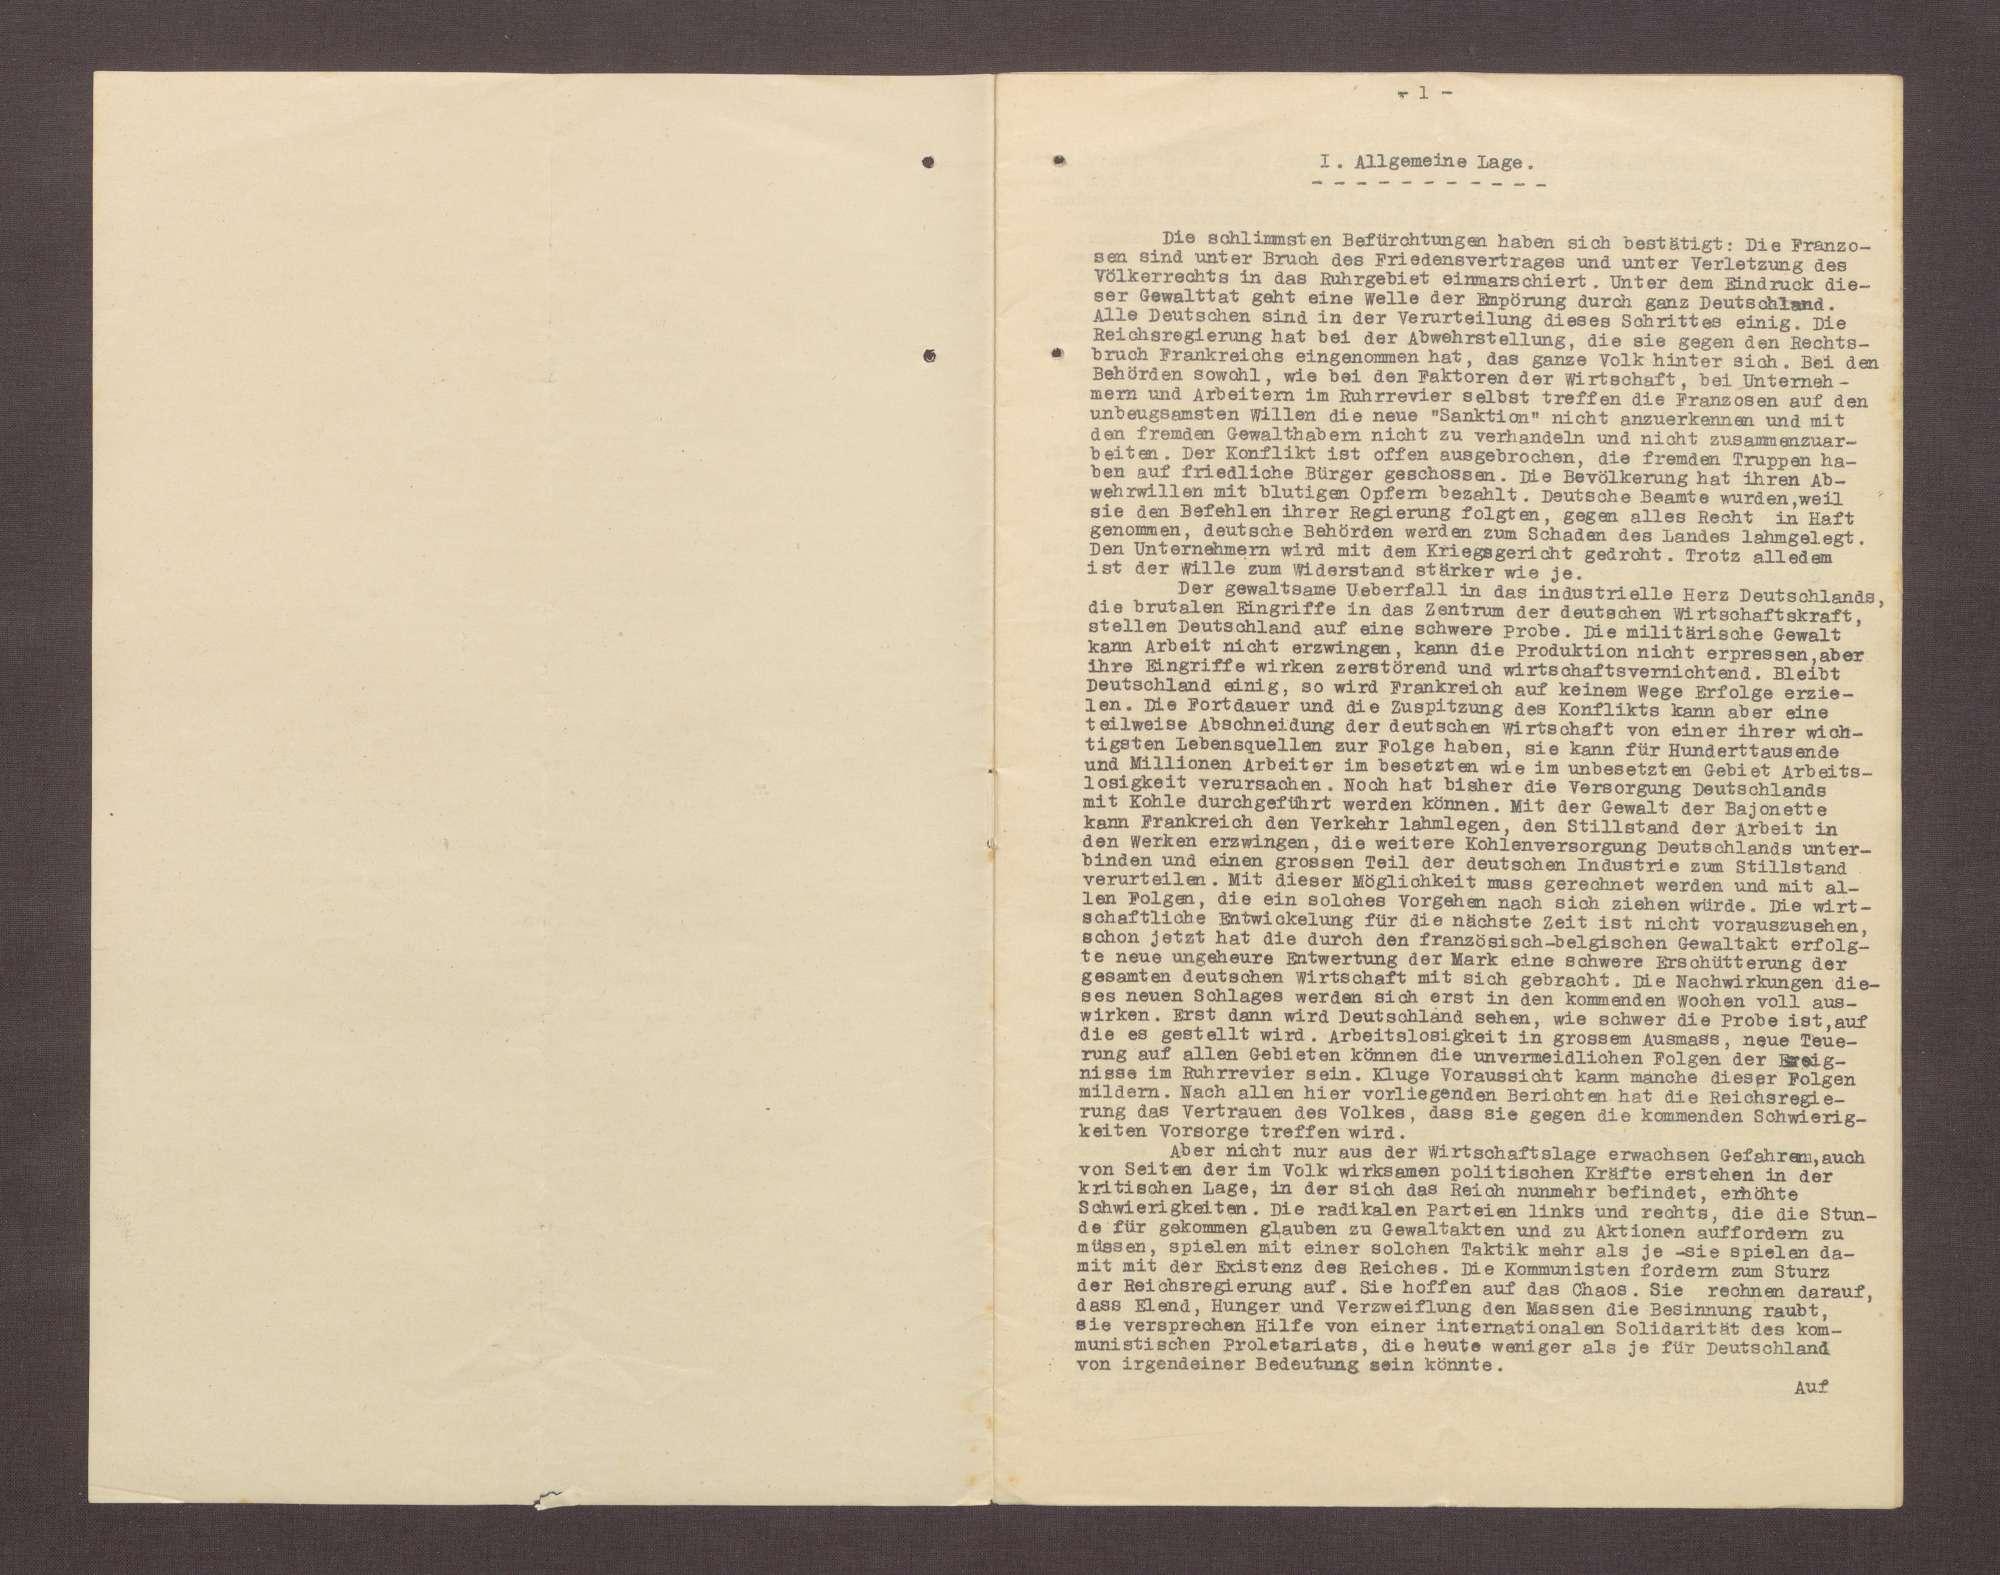 Lageberichte des Reichskommissars für Überwachung der öffentlichen Ordnung, Nr. 84, Bild 2